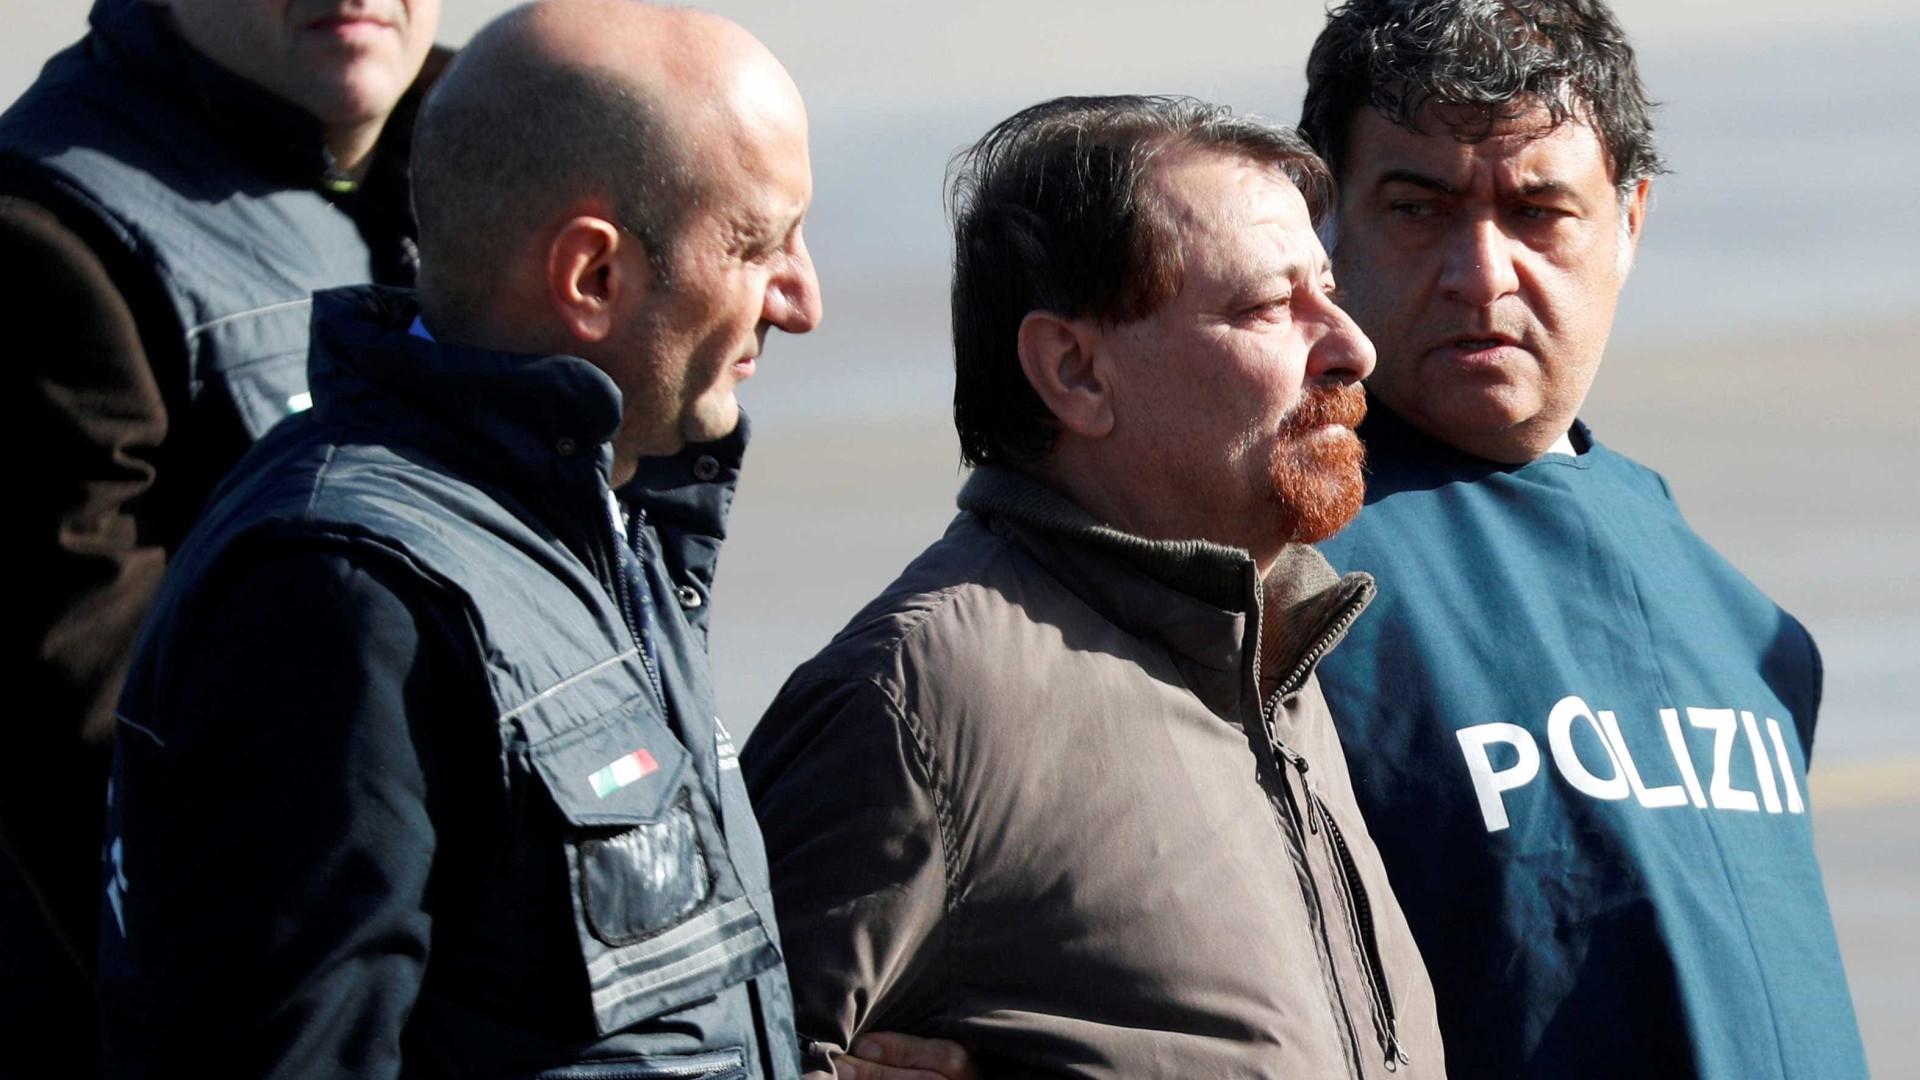 'Agora sei que vou para a prisão', diz Battisti na Itália